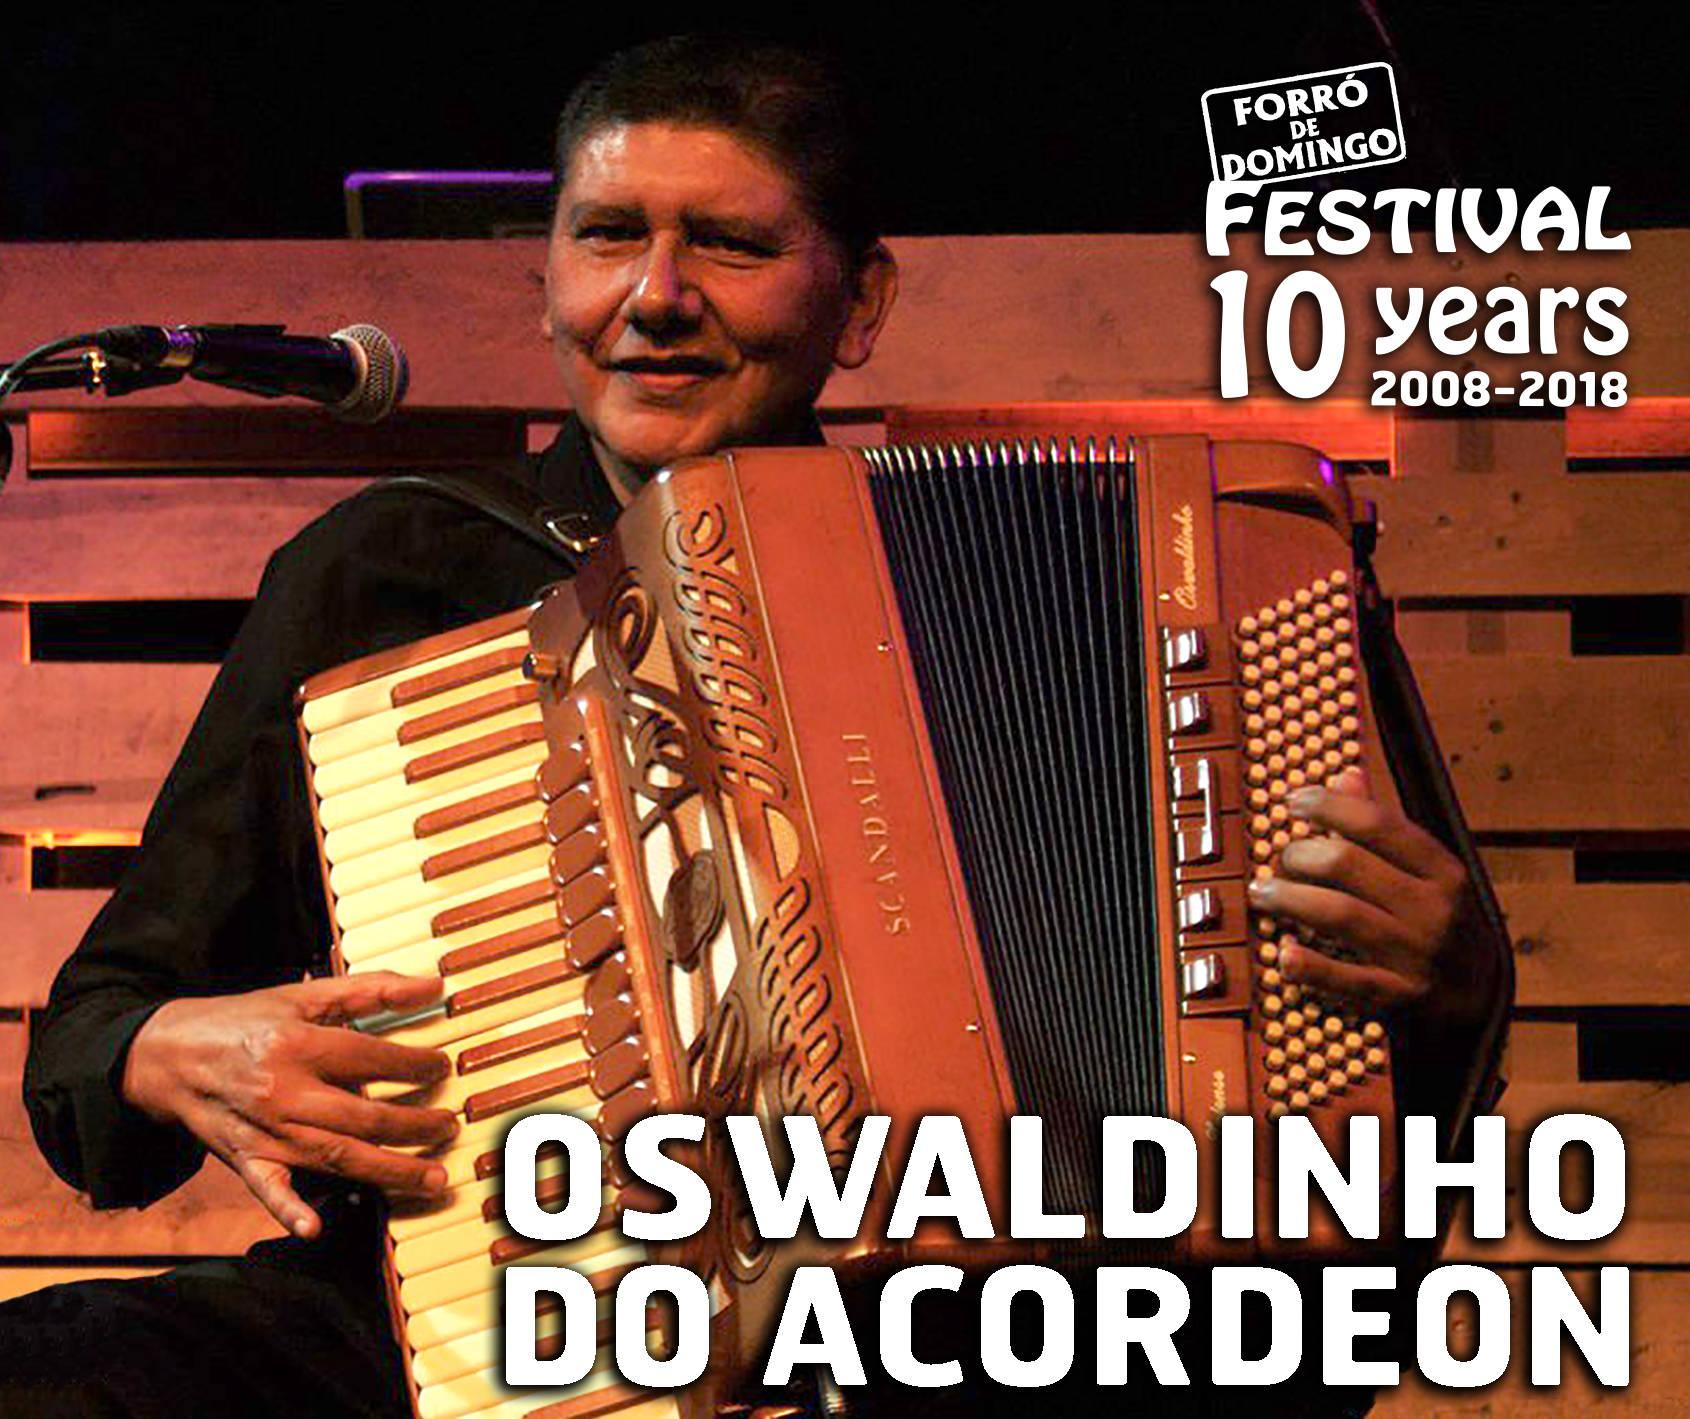 http://forrofestival.com/wp-content/uploads/2018/03/oswaldinho_forro-de-domingo-festival-2018_2.jpg